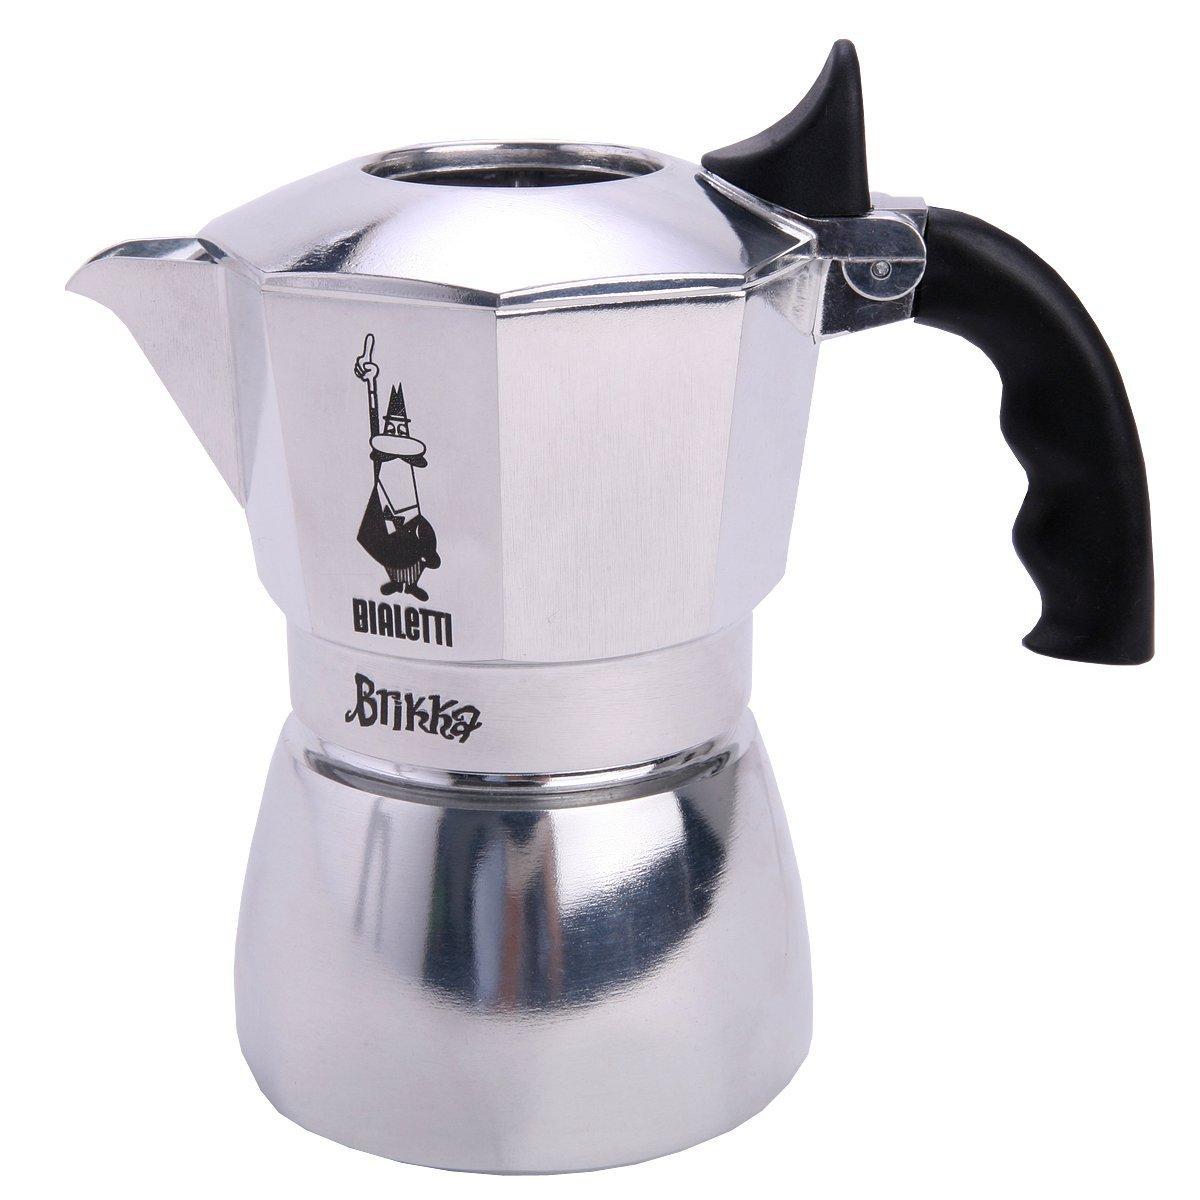 espressomaschine f r den herd vergleich brikka elite von bialetti